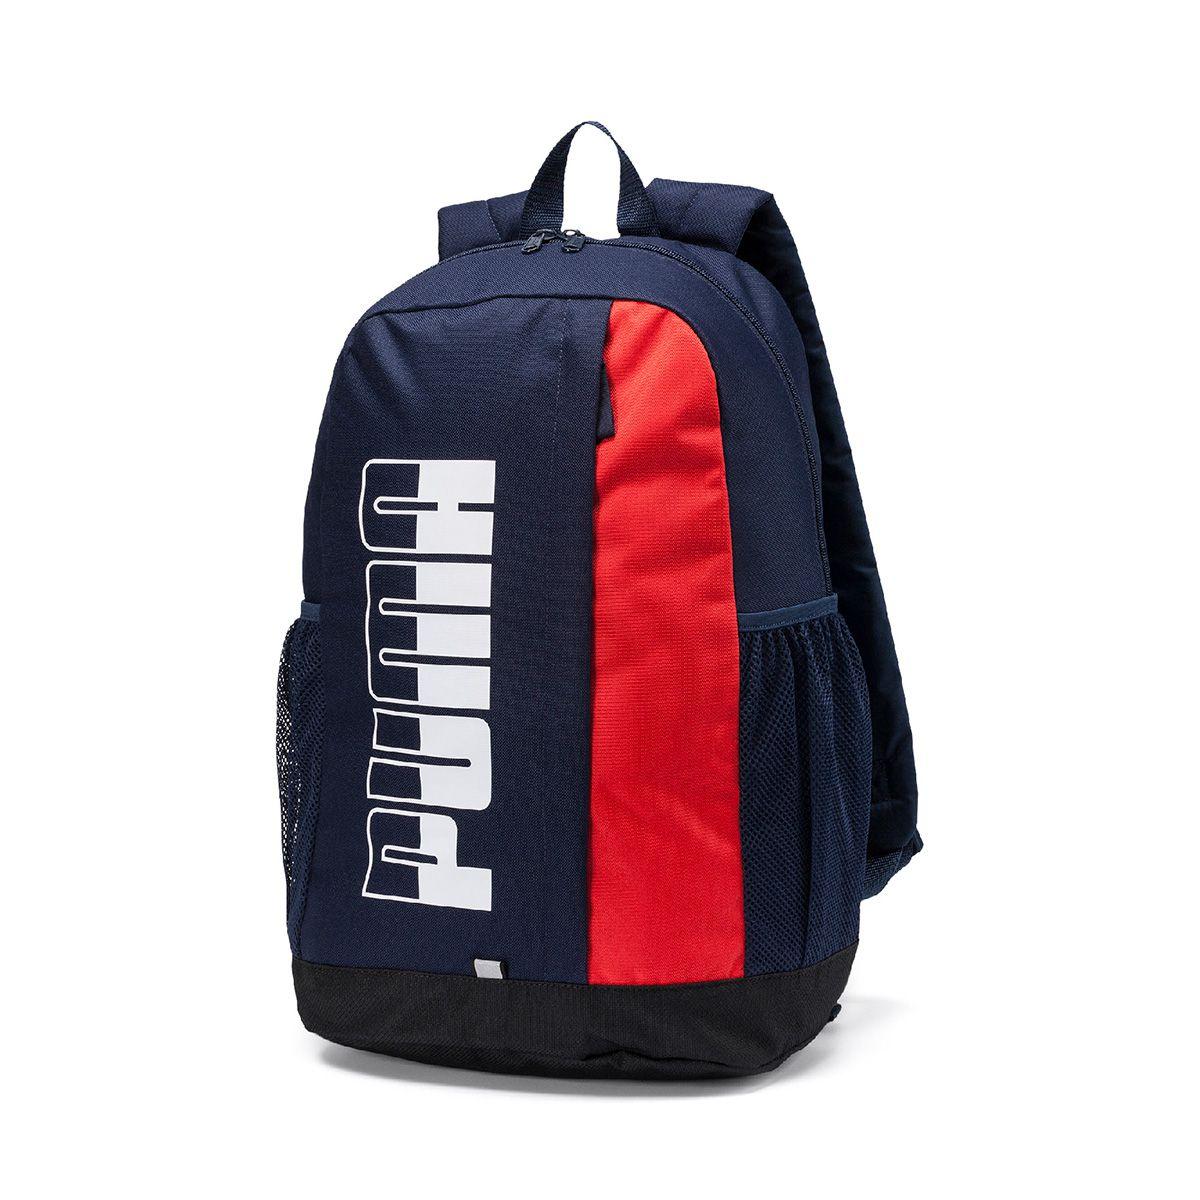 Mochila Puma Plus Backpack - Marinho e Vermelho - Original